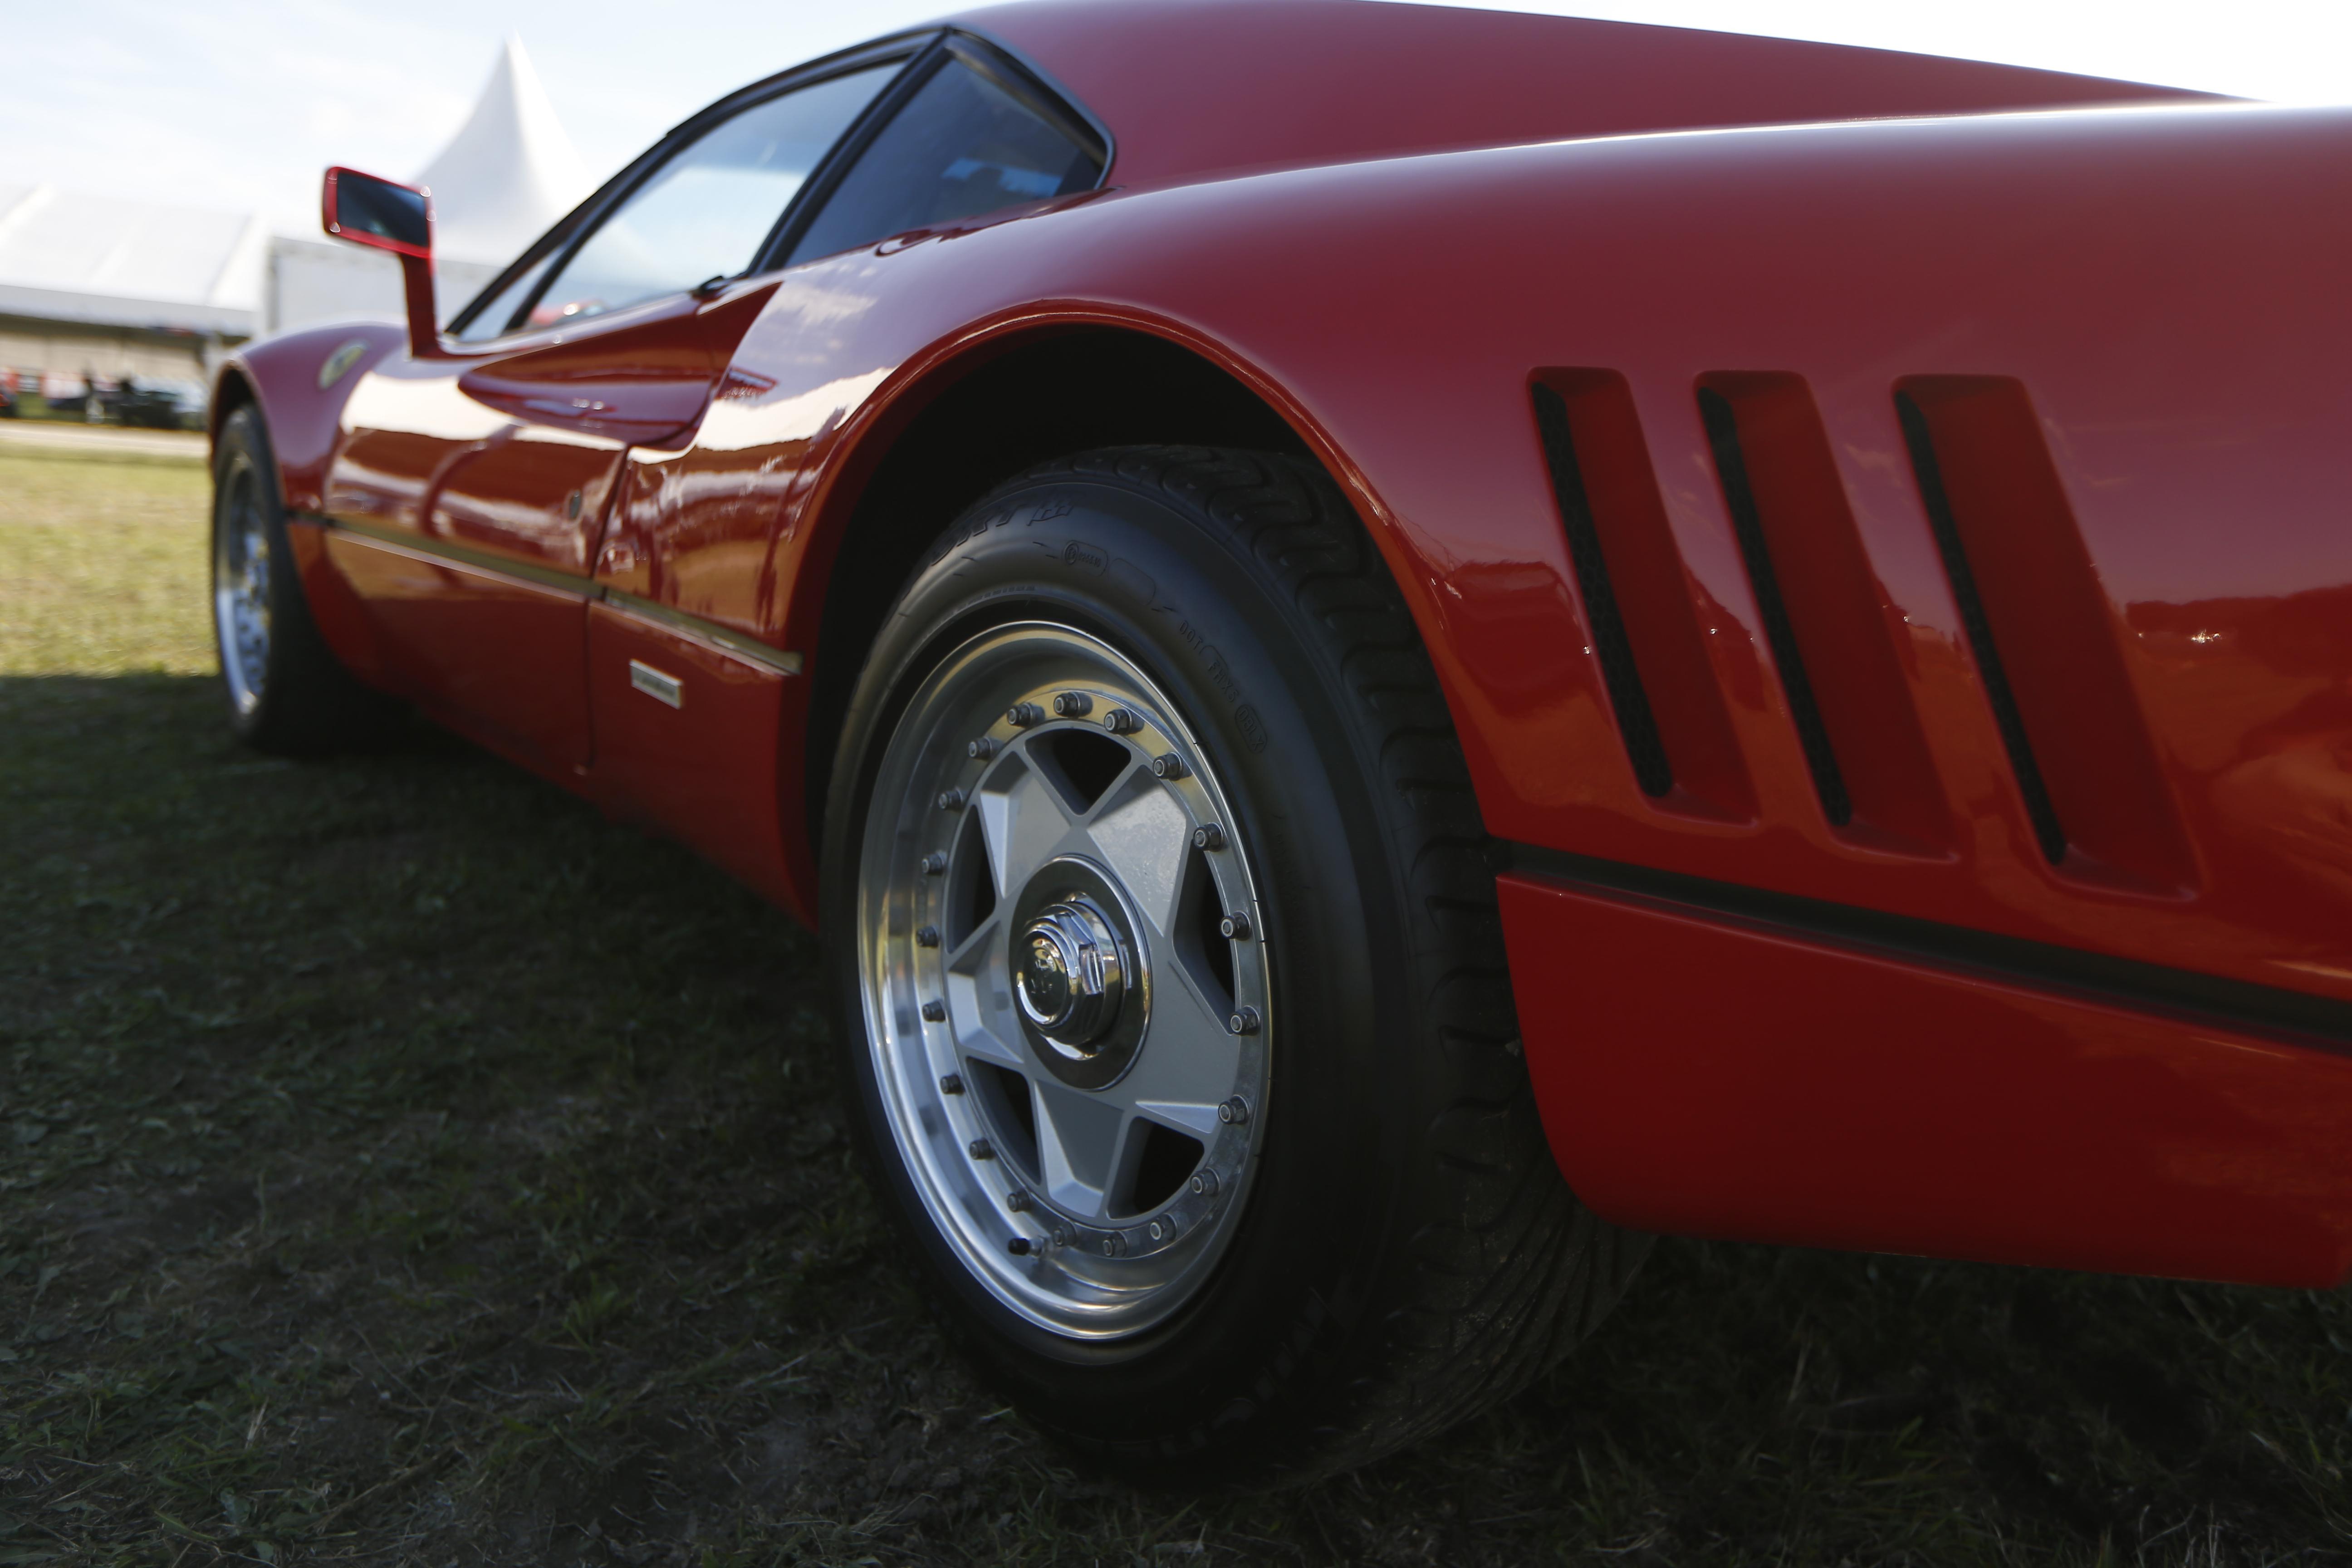 Egy német autótolvaj tesztvezetés közben lépett meg egy Ferrarival, csak előtte még beállt egy fotóra